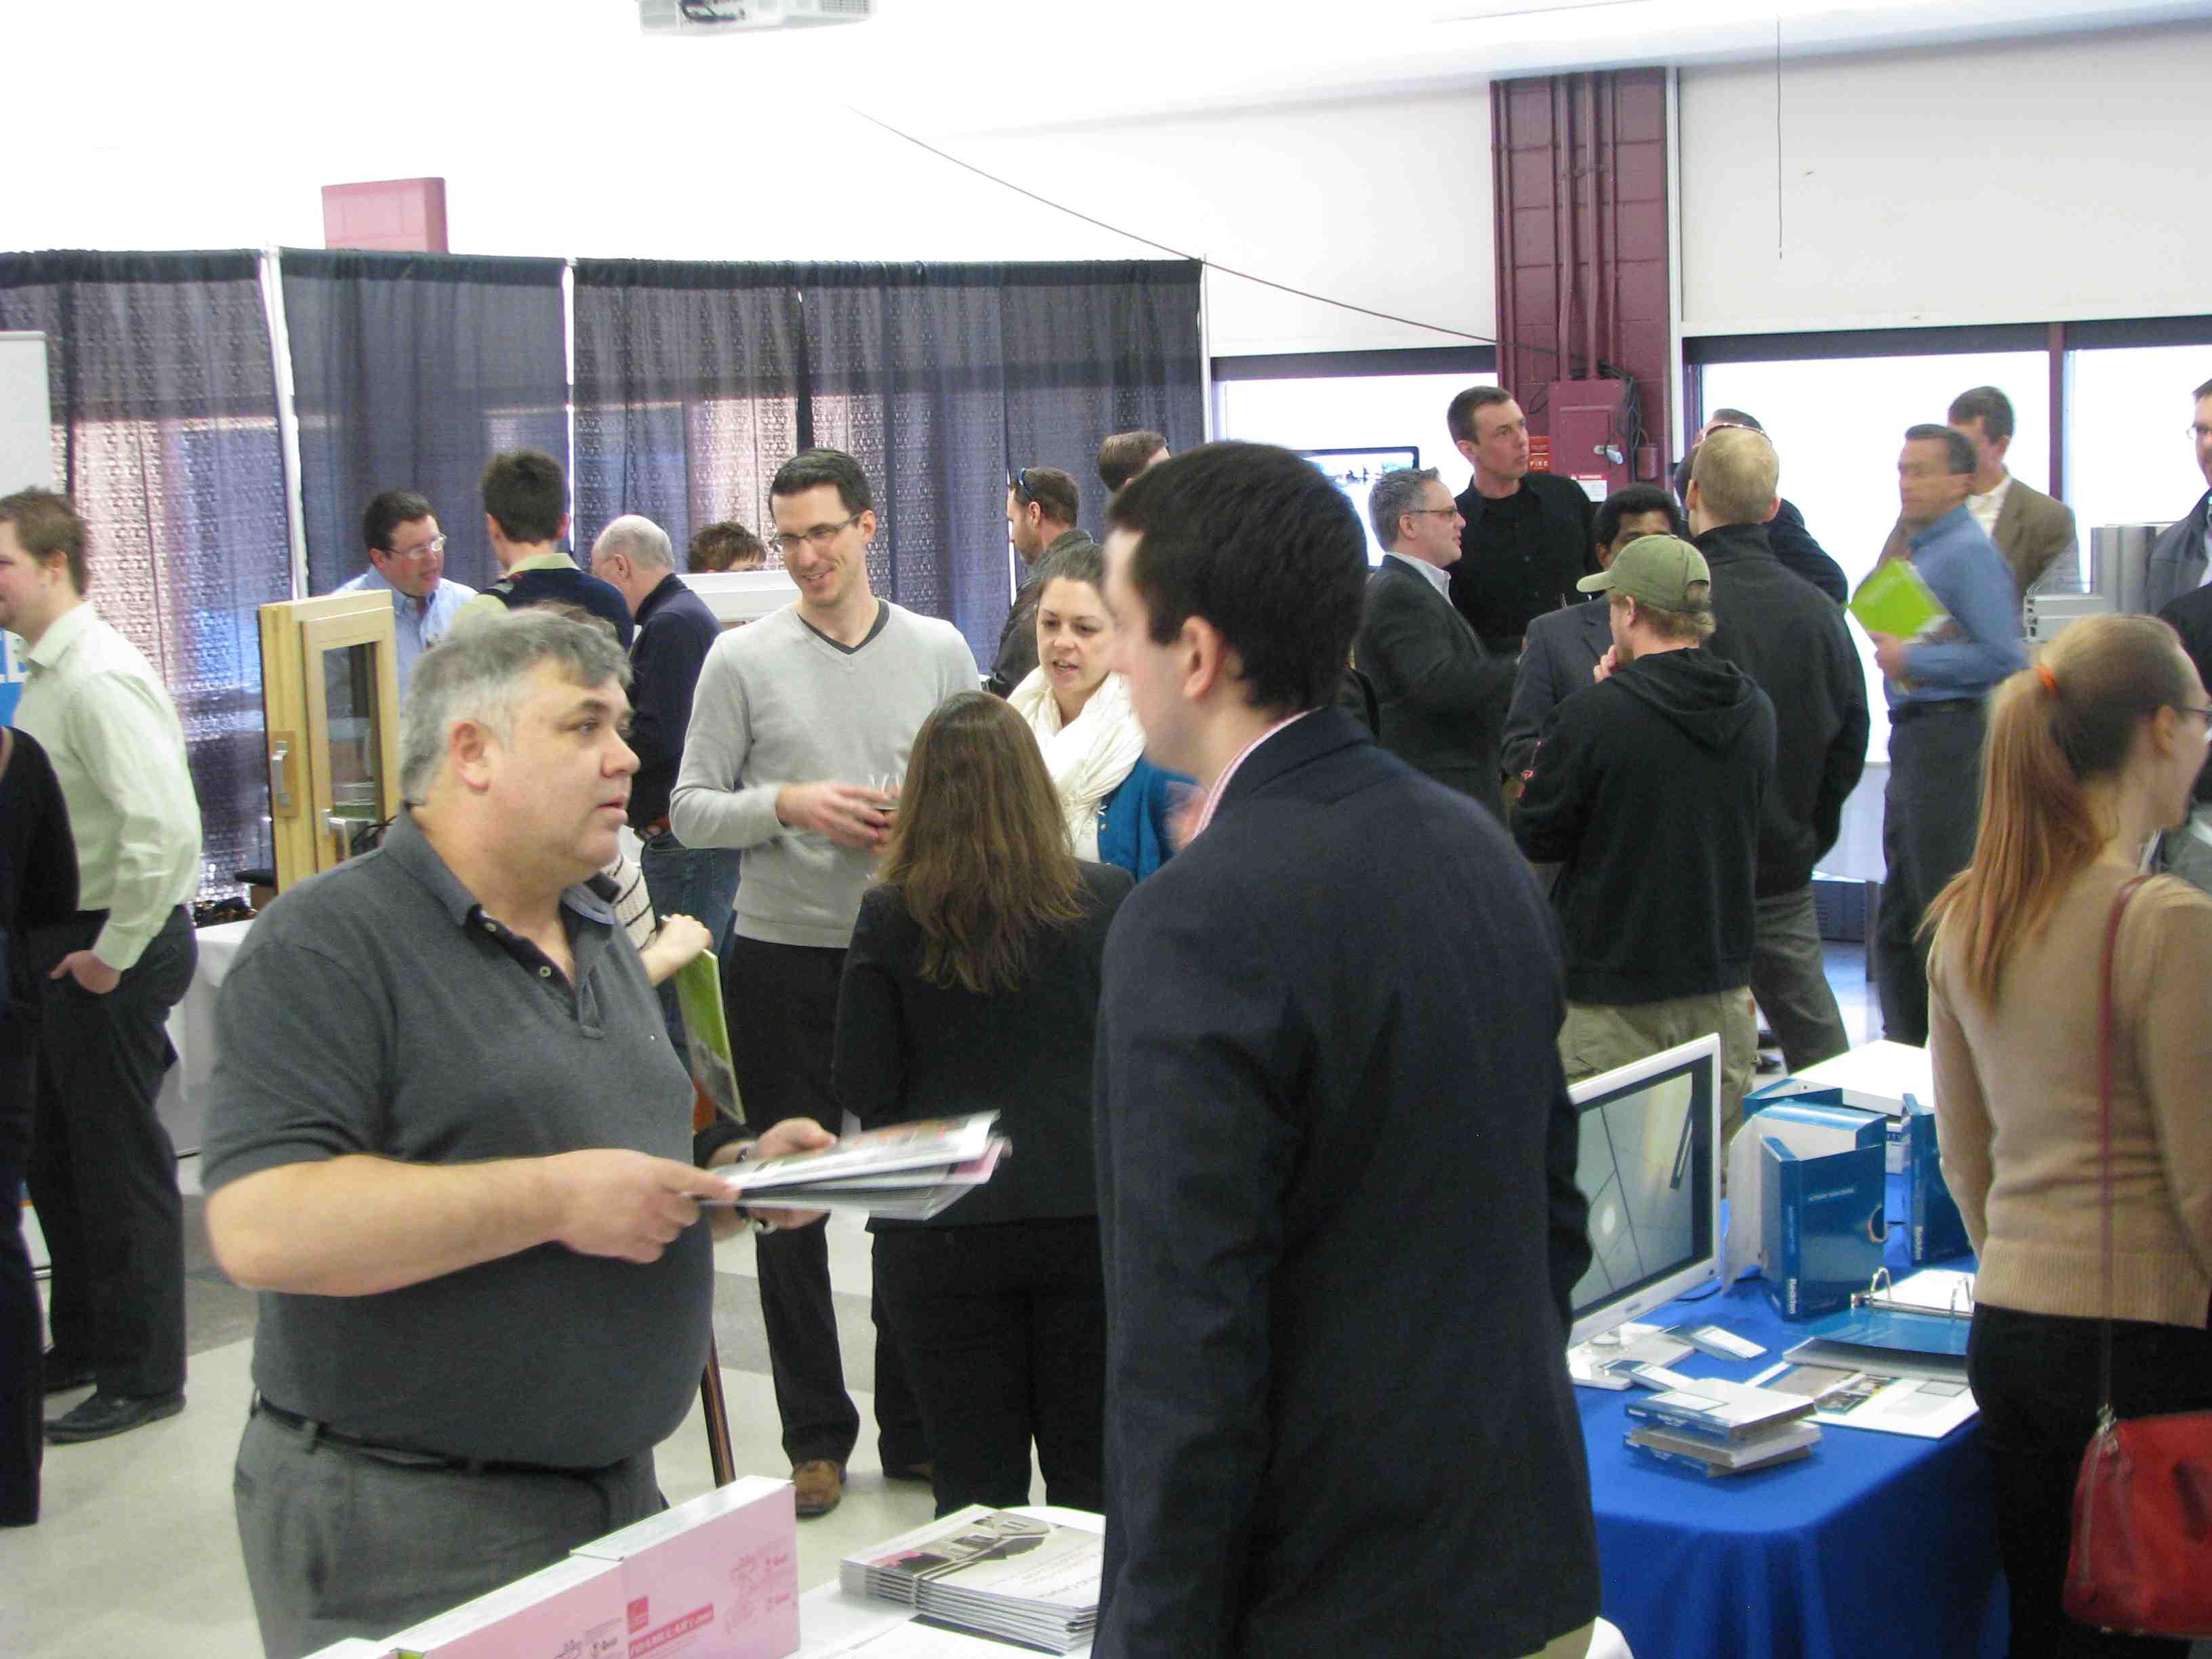 csc exhibitors